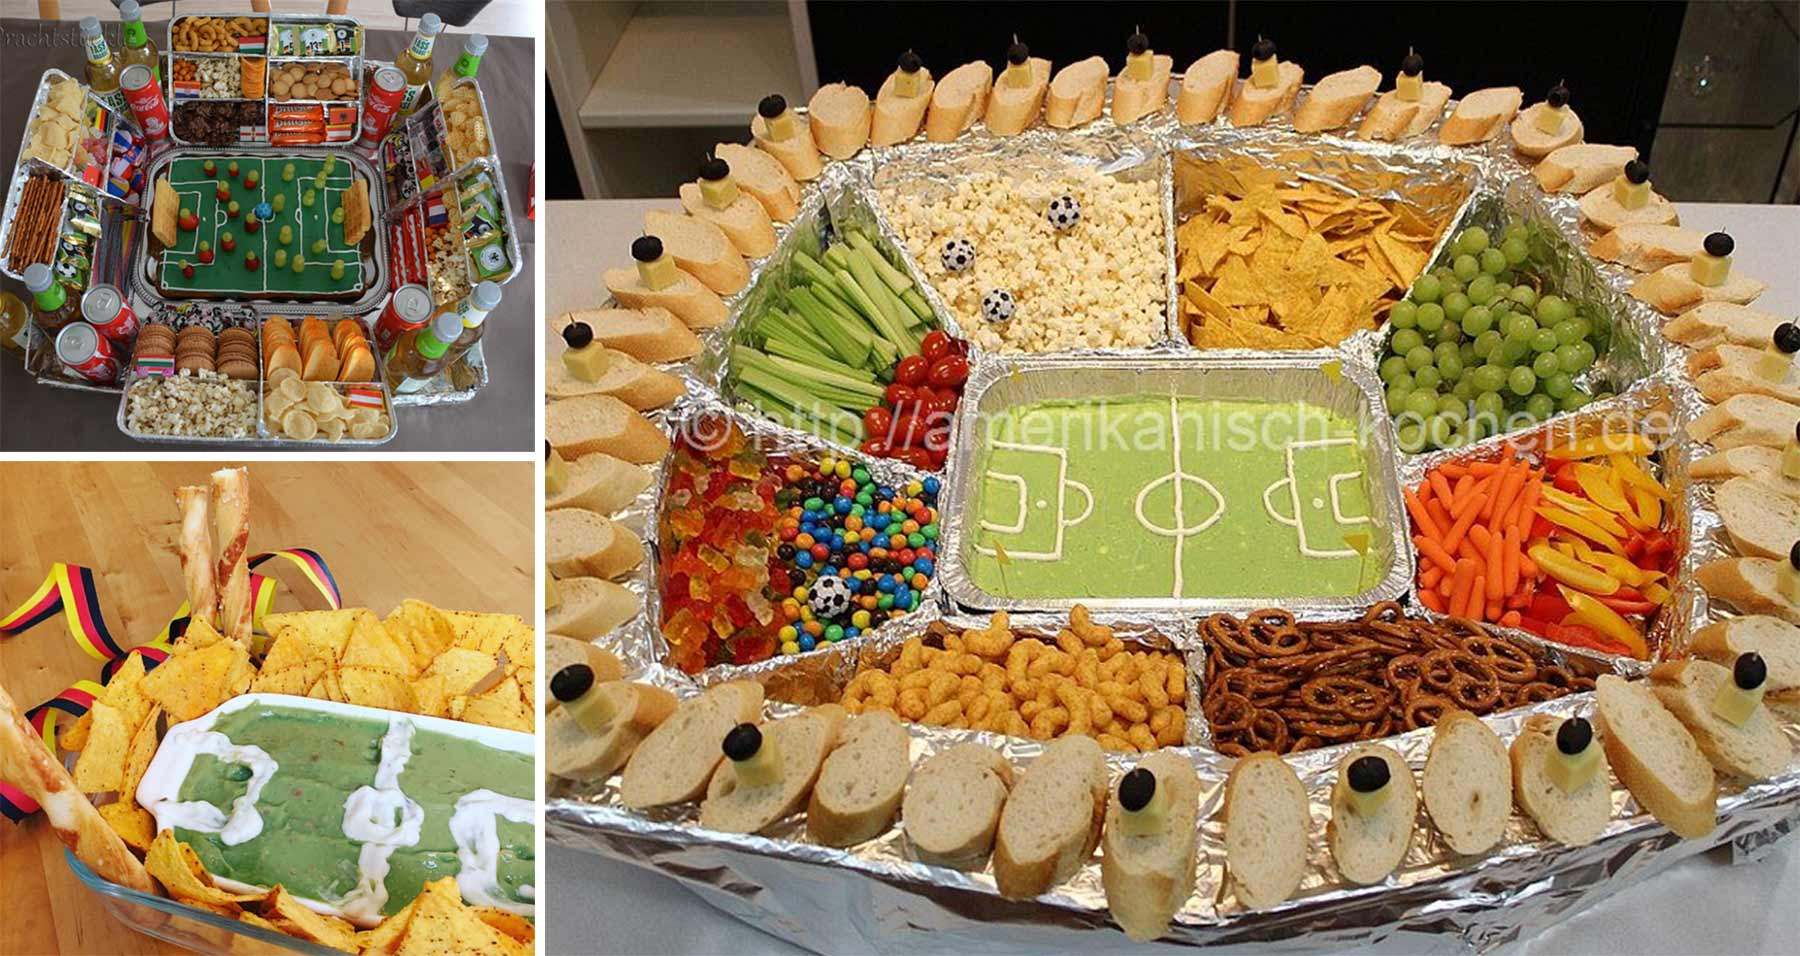 Ratgeber: So verlebst du die WM 2018 am kurzweiligsten snackadiums-snack-fussballstadien_collage